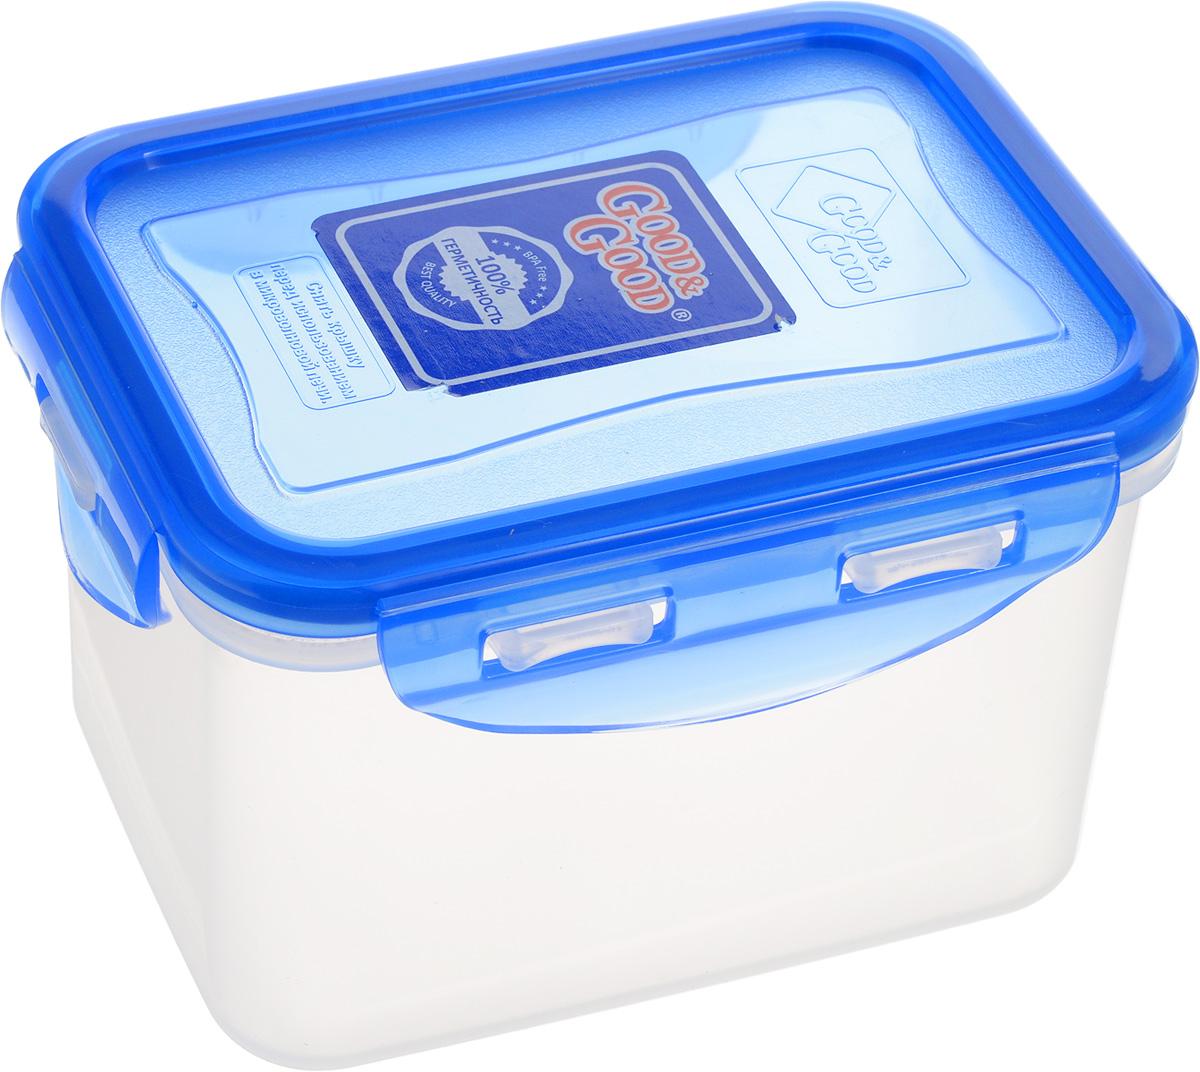 """Прямоугольный контейнер """"Good&Good"""" изготовлен из высококачественного полипропилена и предназначен для хранения любых пищевых продуктов. Благодаря особым технологиям изготовления, лотки в течение времени службы не меняют цвет и не пропитываются запахами. Крышка с силиконовой вставкой герметично защелкивается специальным механизмом.  Контейнер """"Good&Good"""" удобен для ежедневного использования в быту. Можно мыть в посудомоечной машине и использовать в микроволновой печи. Размер контейнера (с учетом крышки): 13 х 9,5 х 8,5 см."""